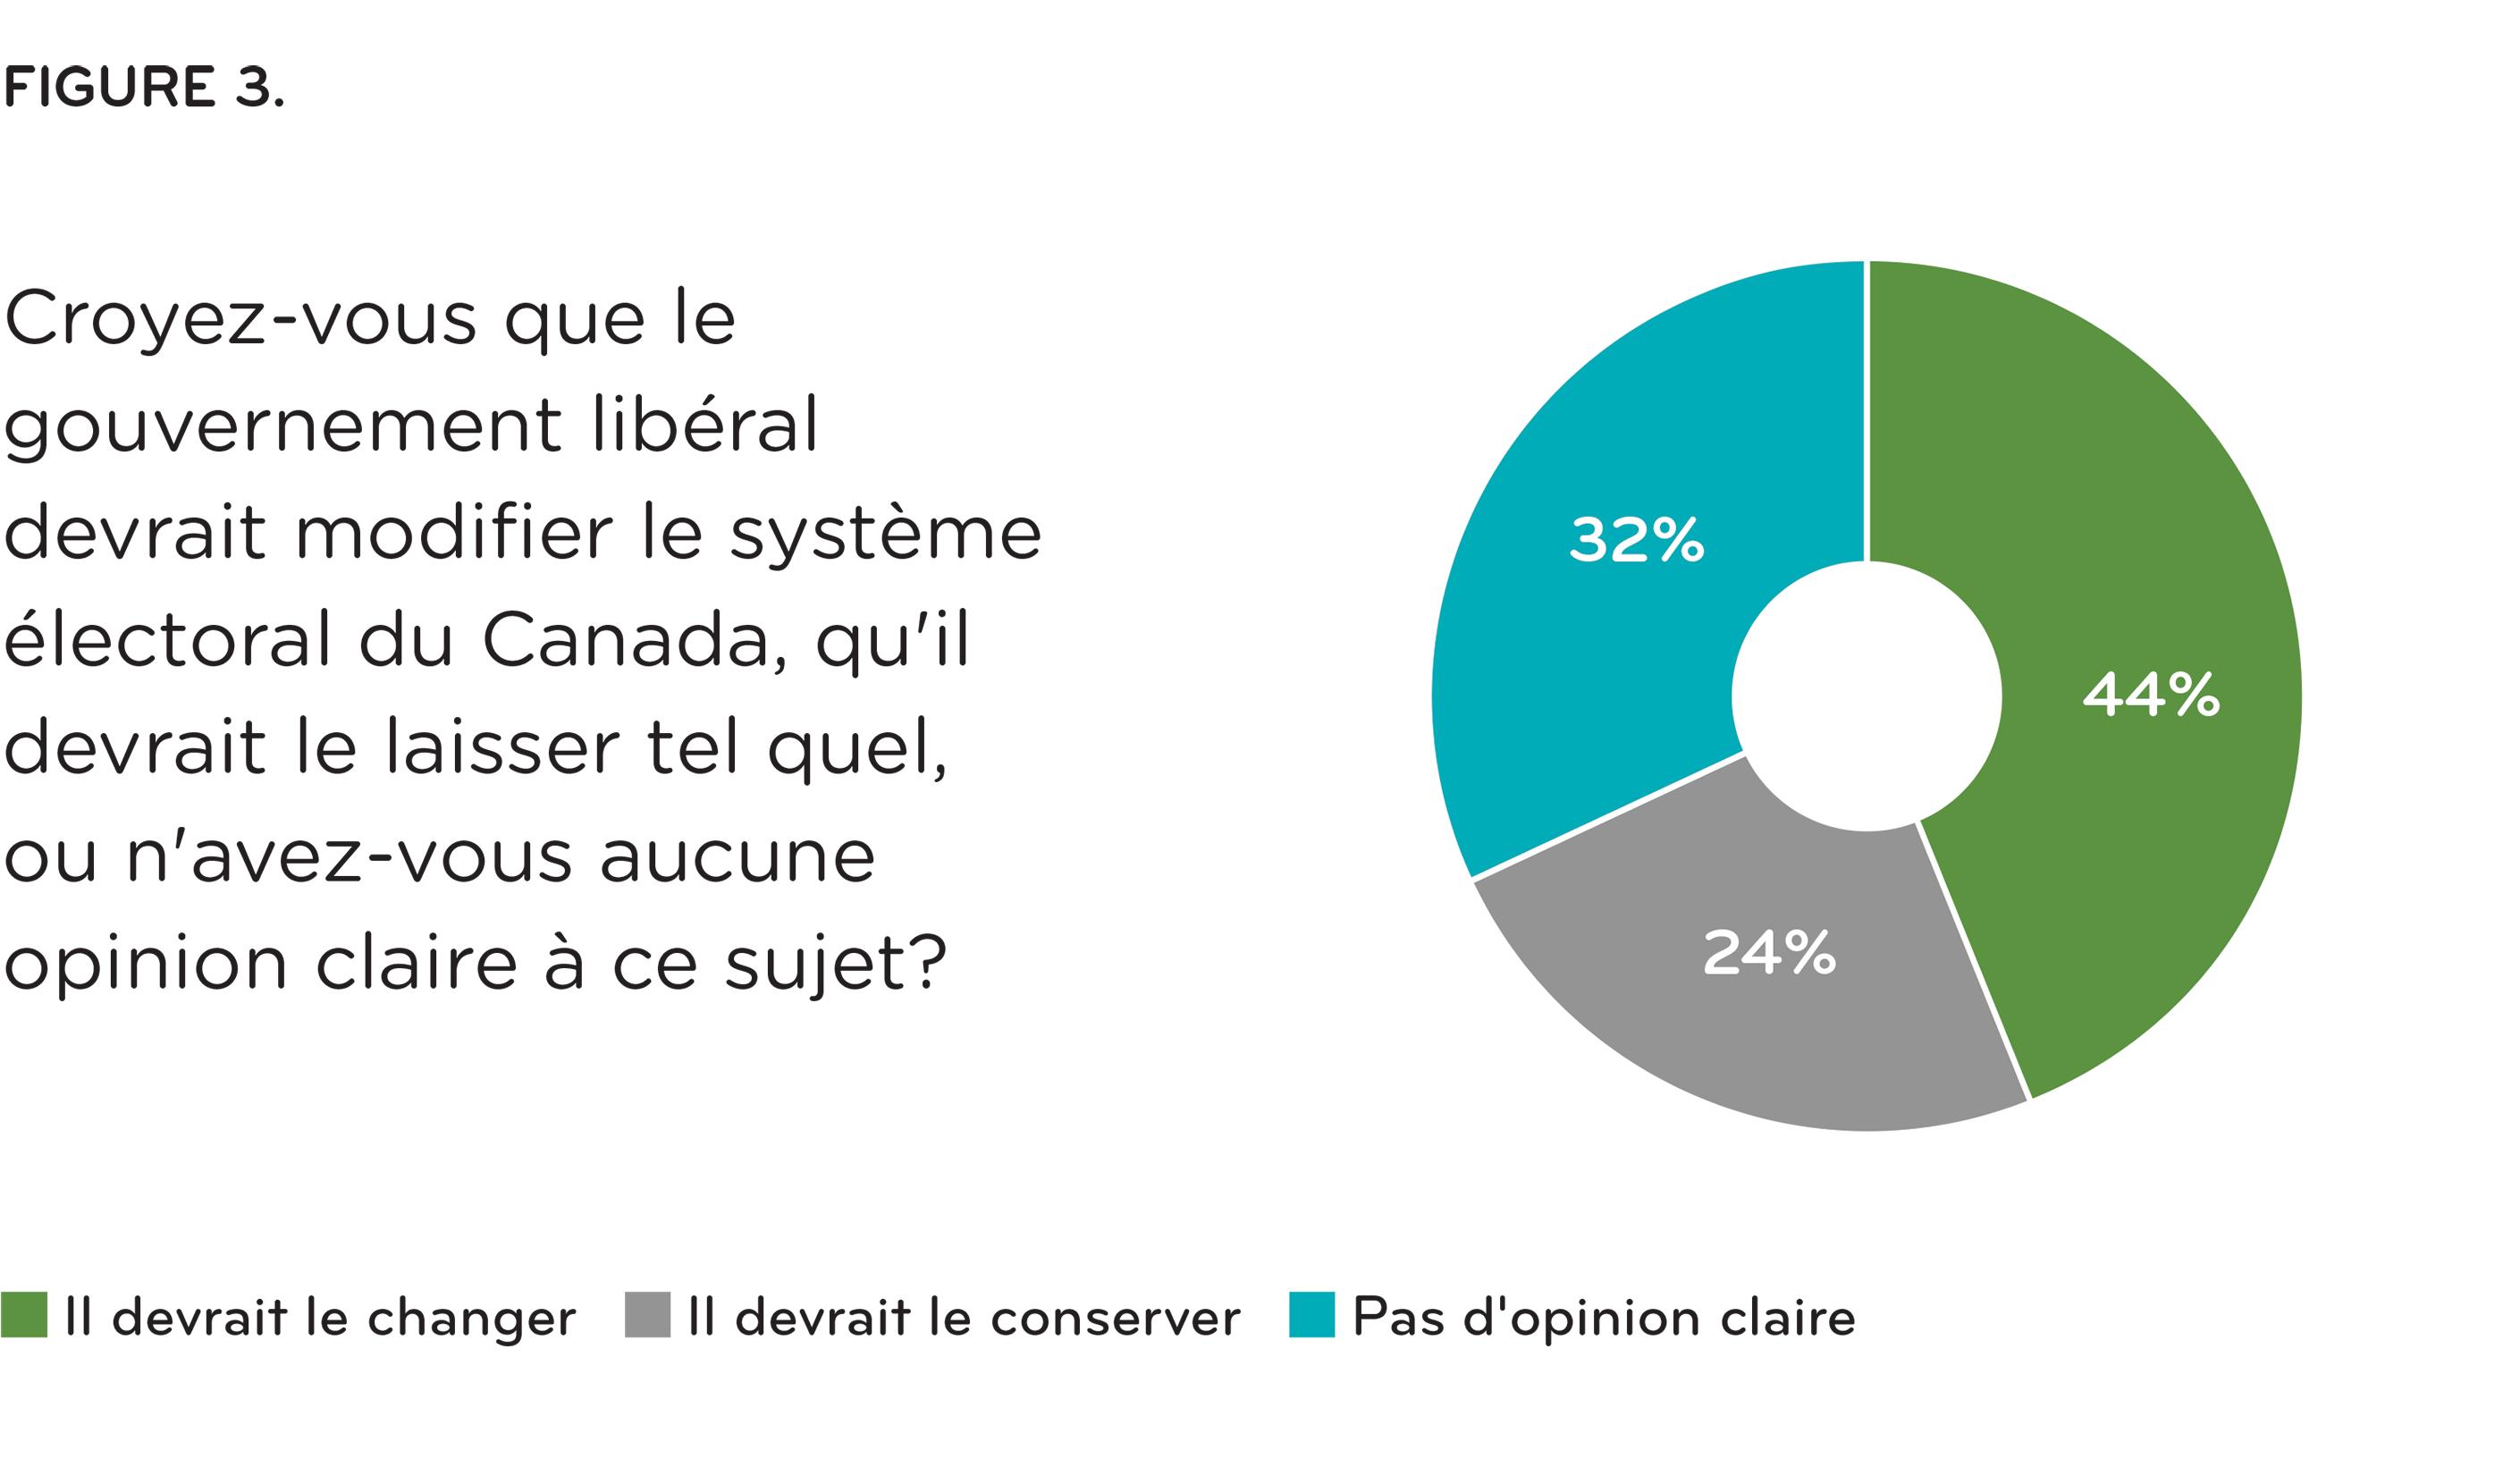 [ Figure 3: Croyez-vous que le gouvernement libéral devrait modifier le systèm électoral de Canada, qu'il devrait le laisser tel quel, ou n'avez-vous aucune opinion clair à ce sujet? ]